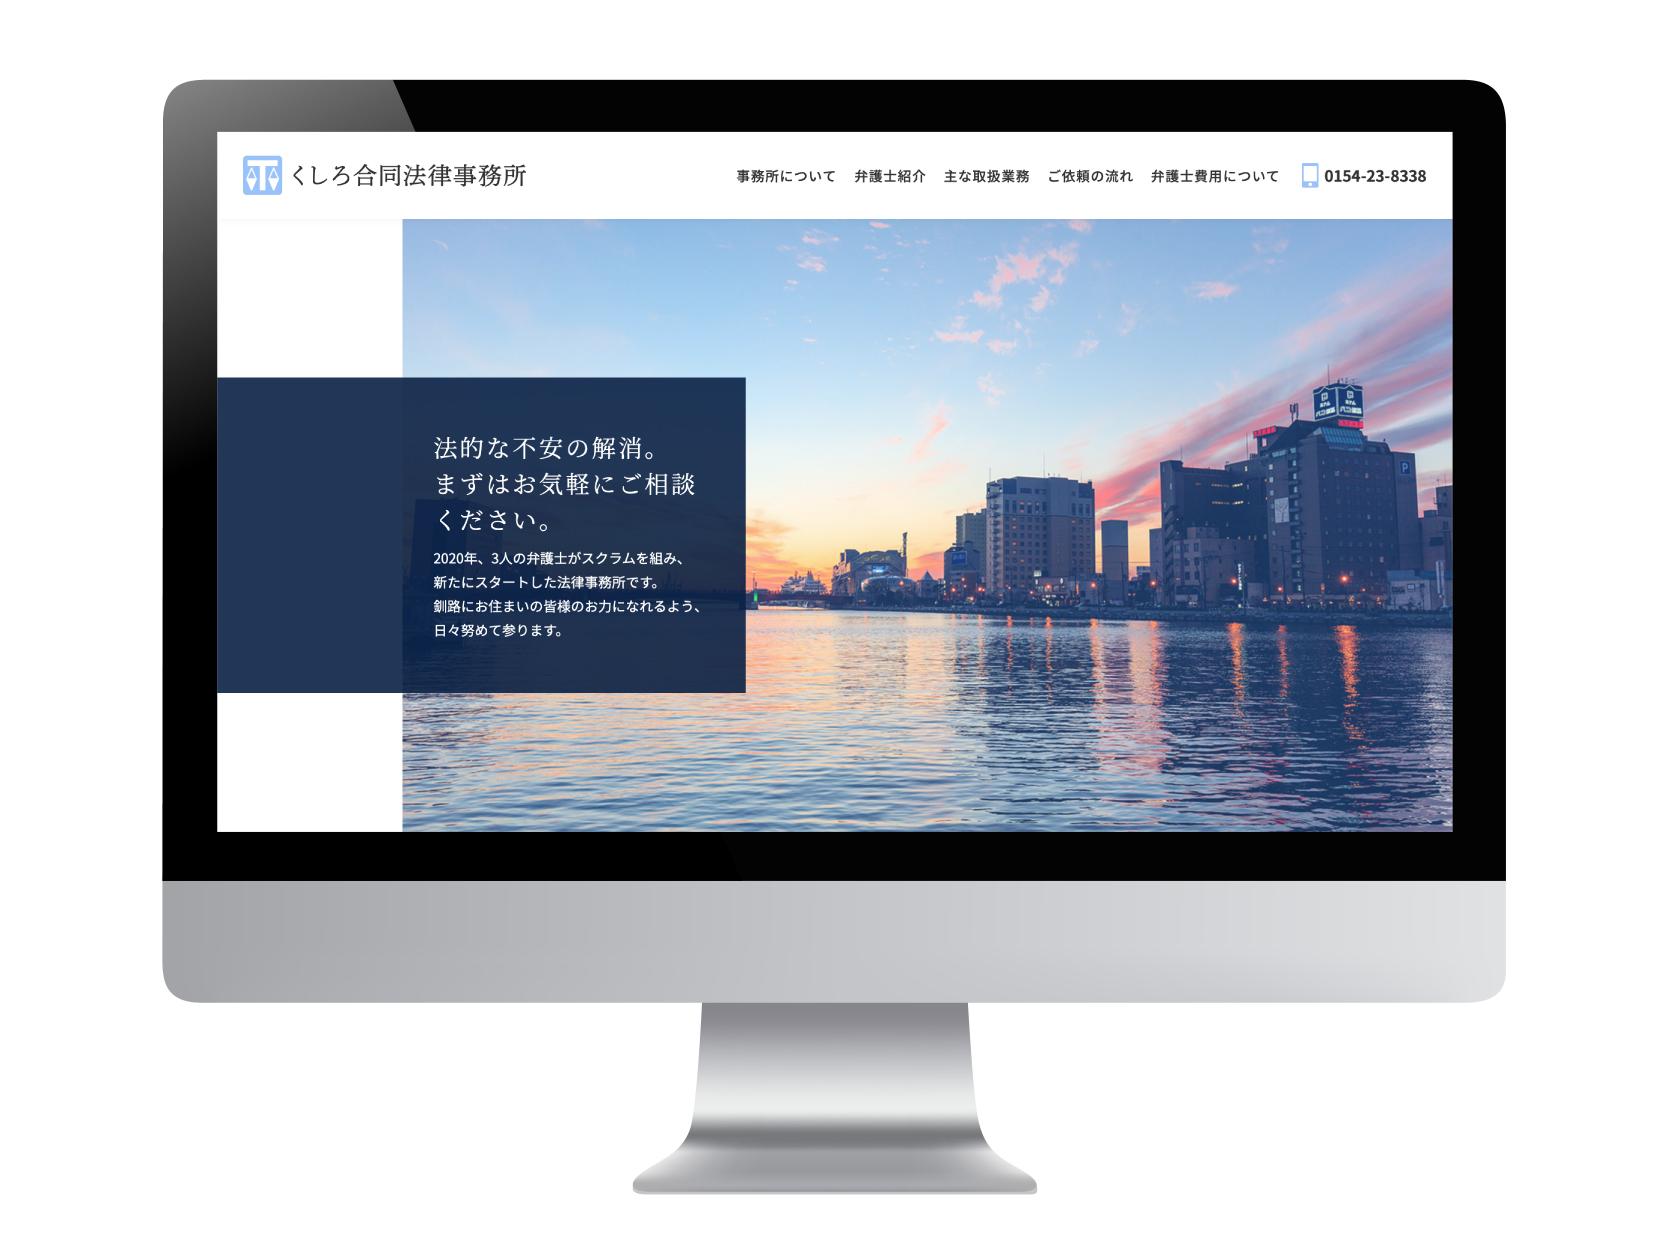 <span>Official web site</span><br>釧路 たかはた法律事務所